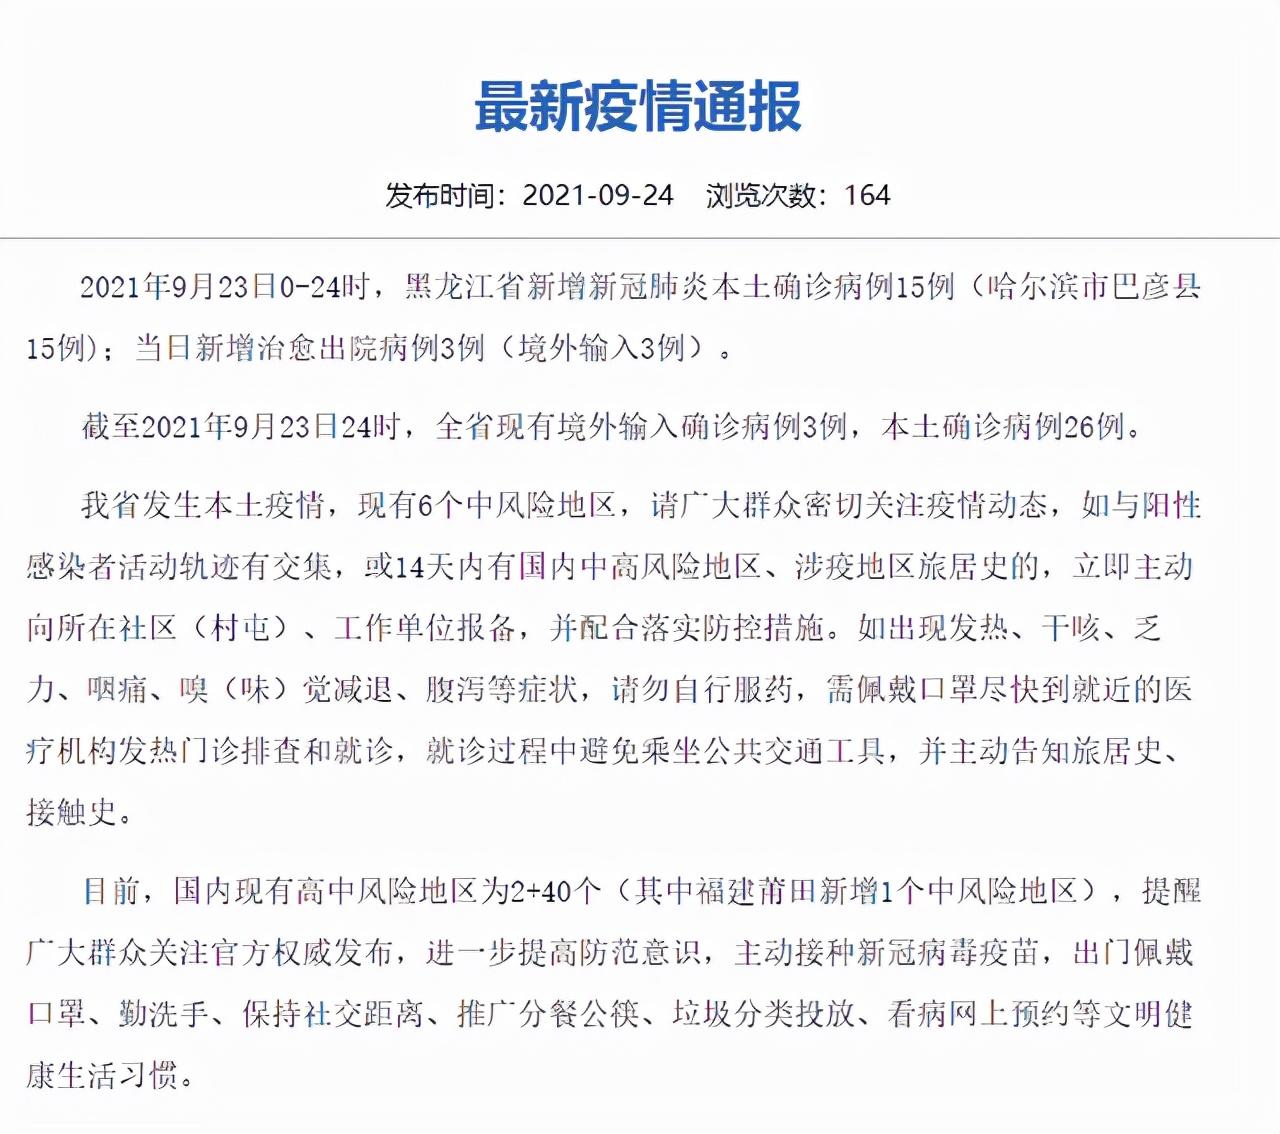 黑龙江新增本土确诊15例 均在哈尔滨市 一确诊女孩遭网暴被骂毒王